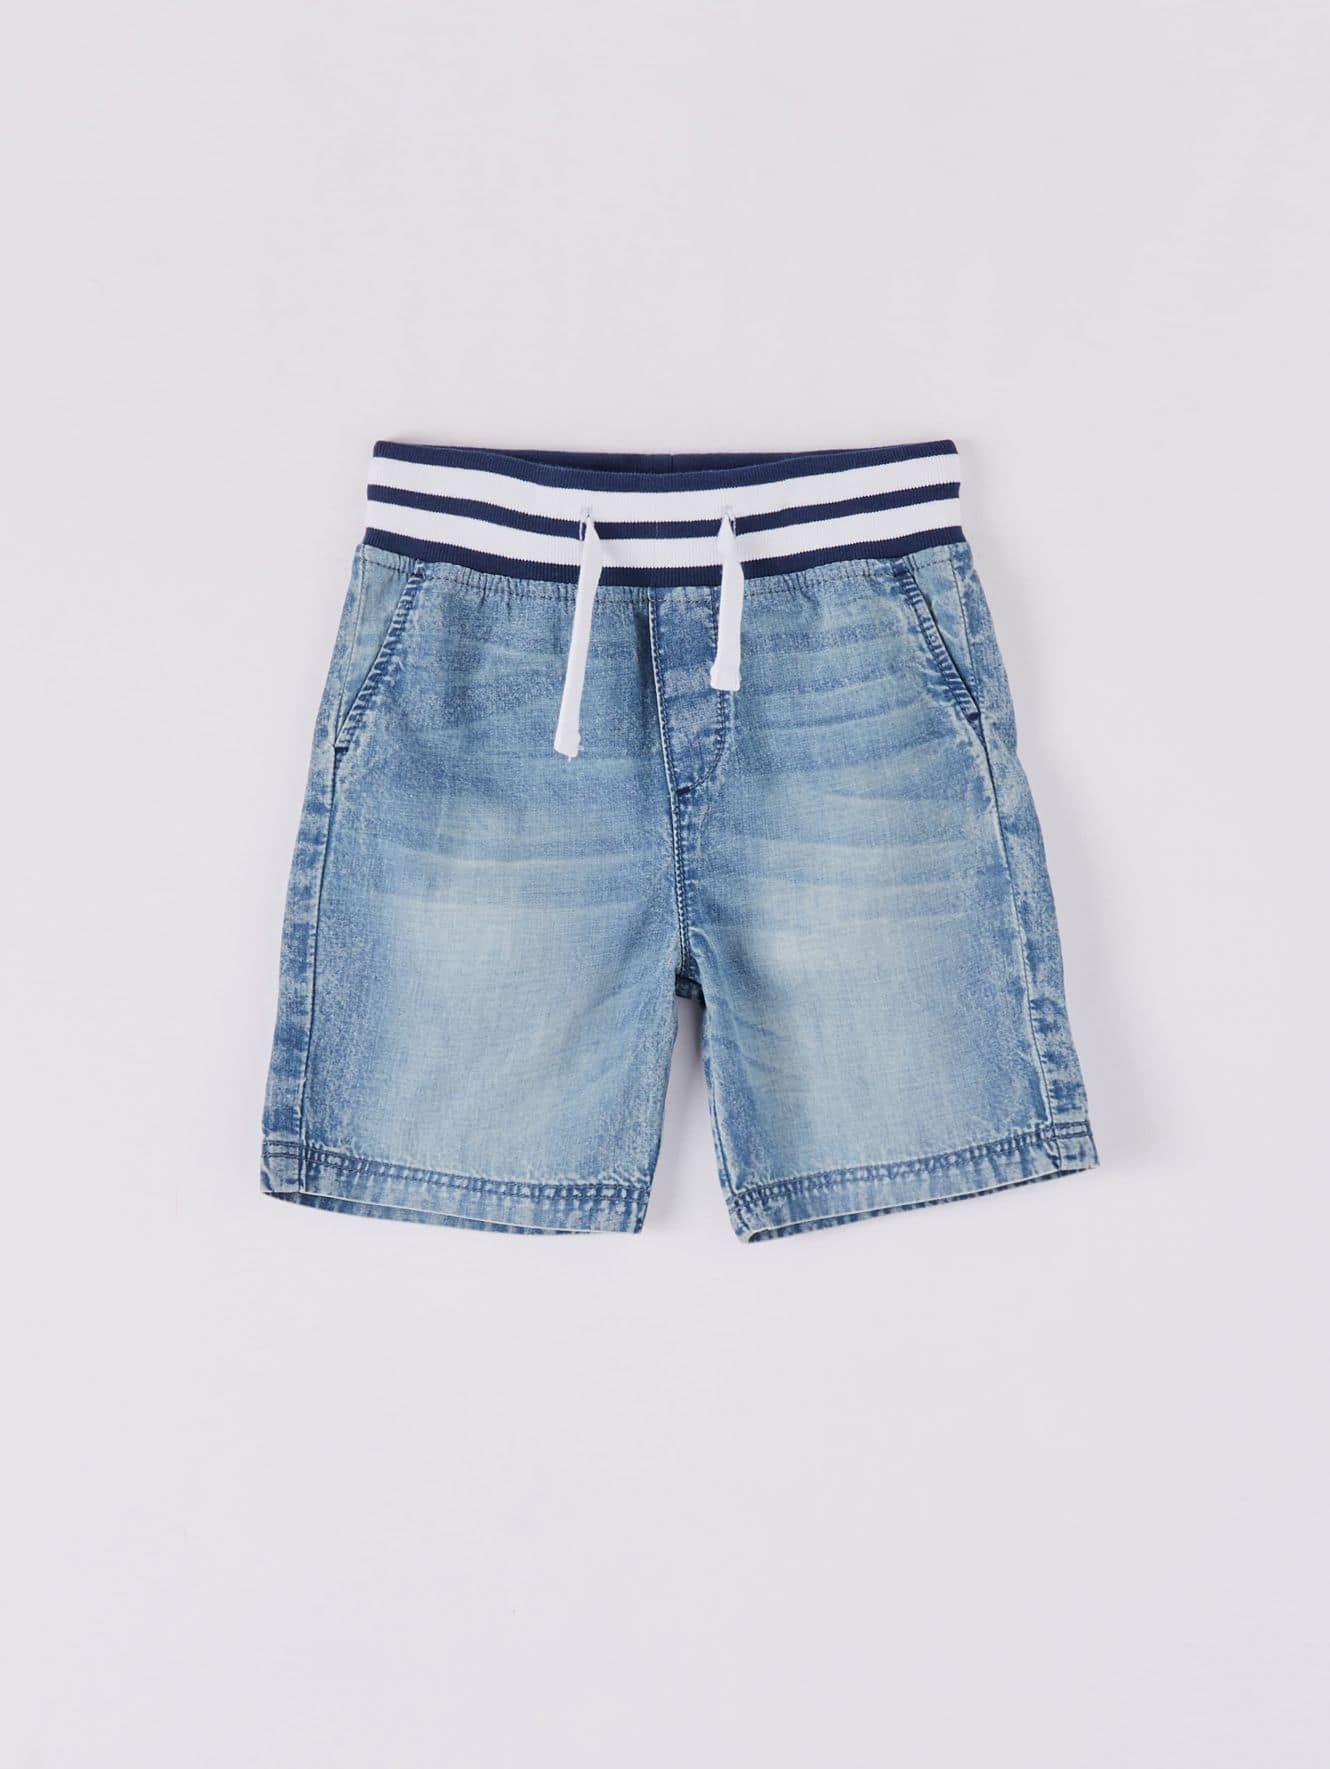 Short pants jeans Infant boy Terranova